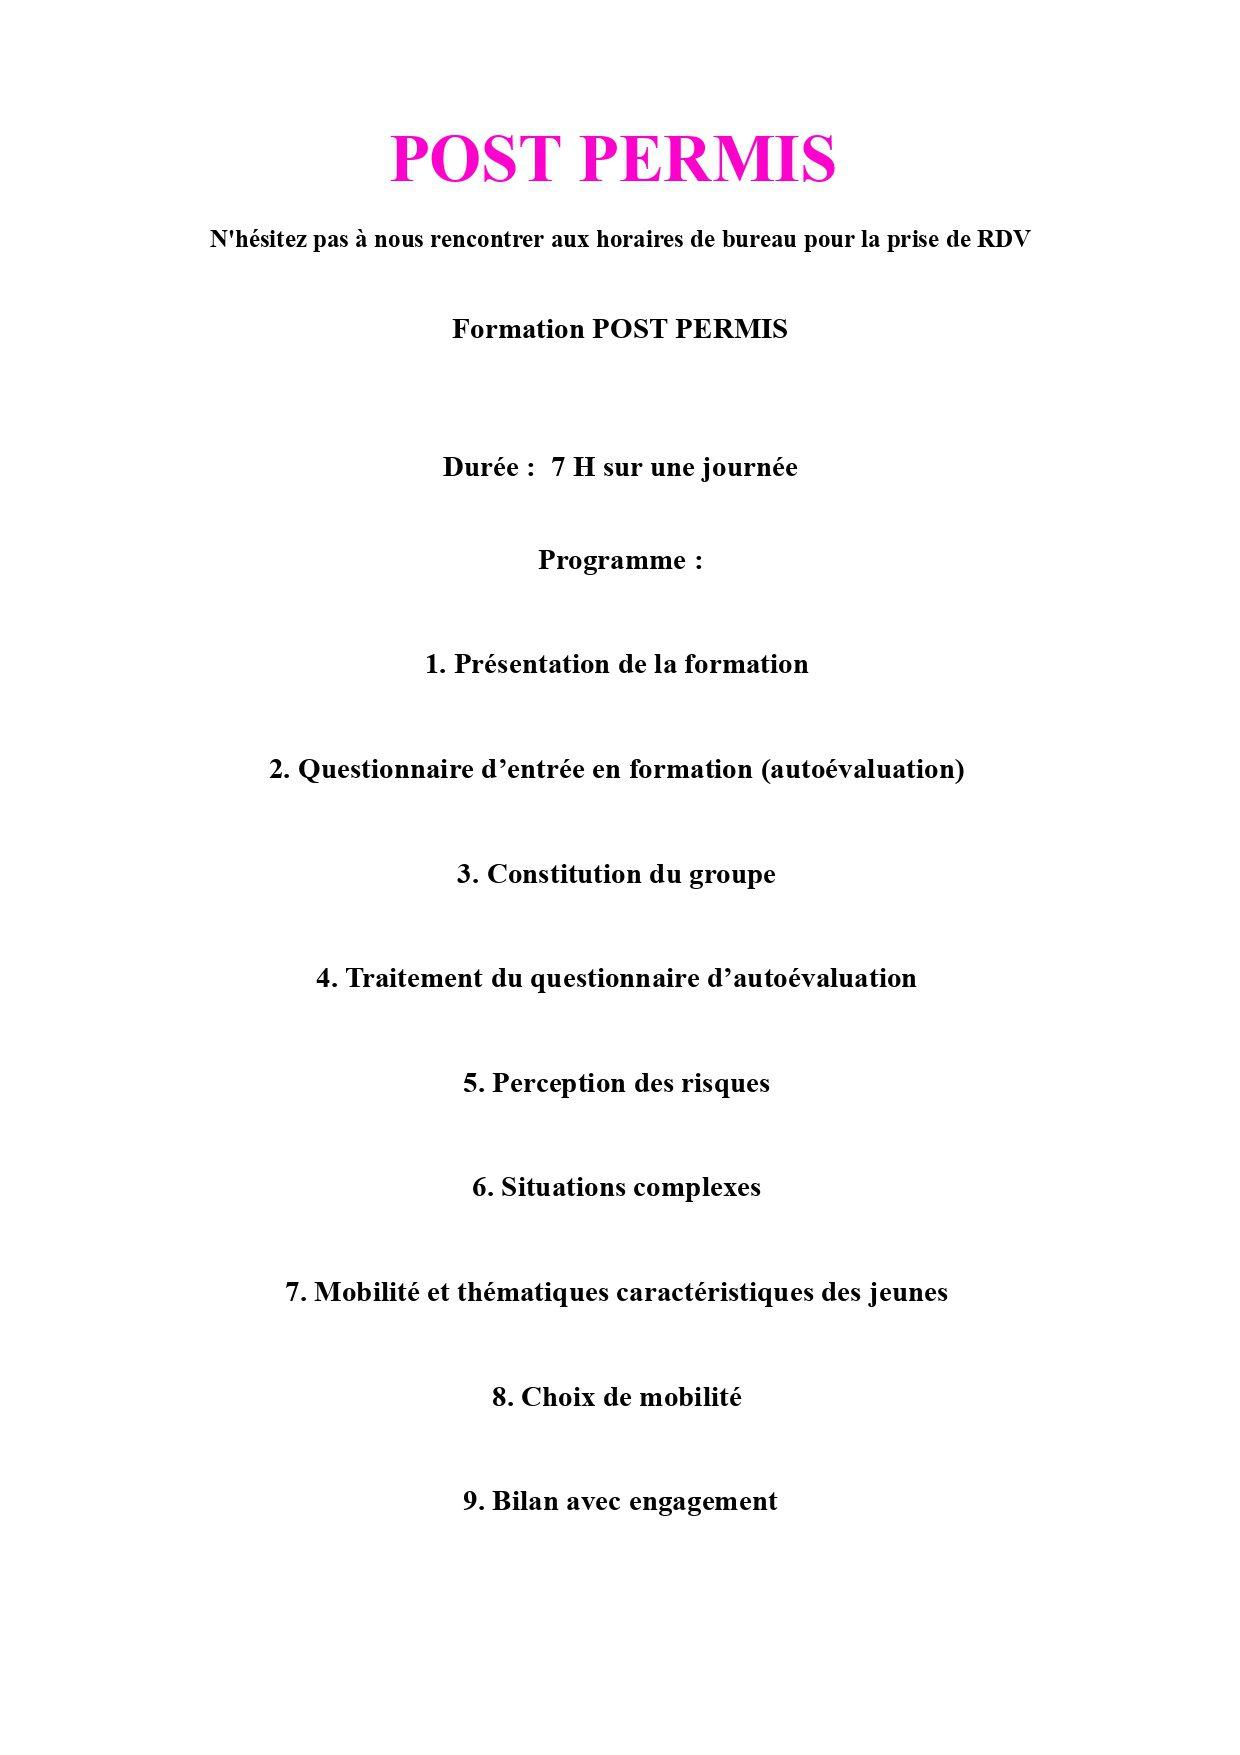 POST PERMIS PROGRAMME ET TARIFS(2)_page-0001